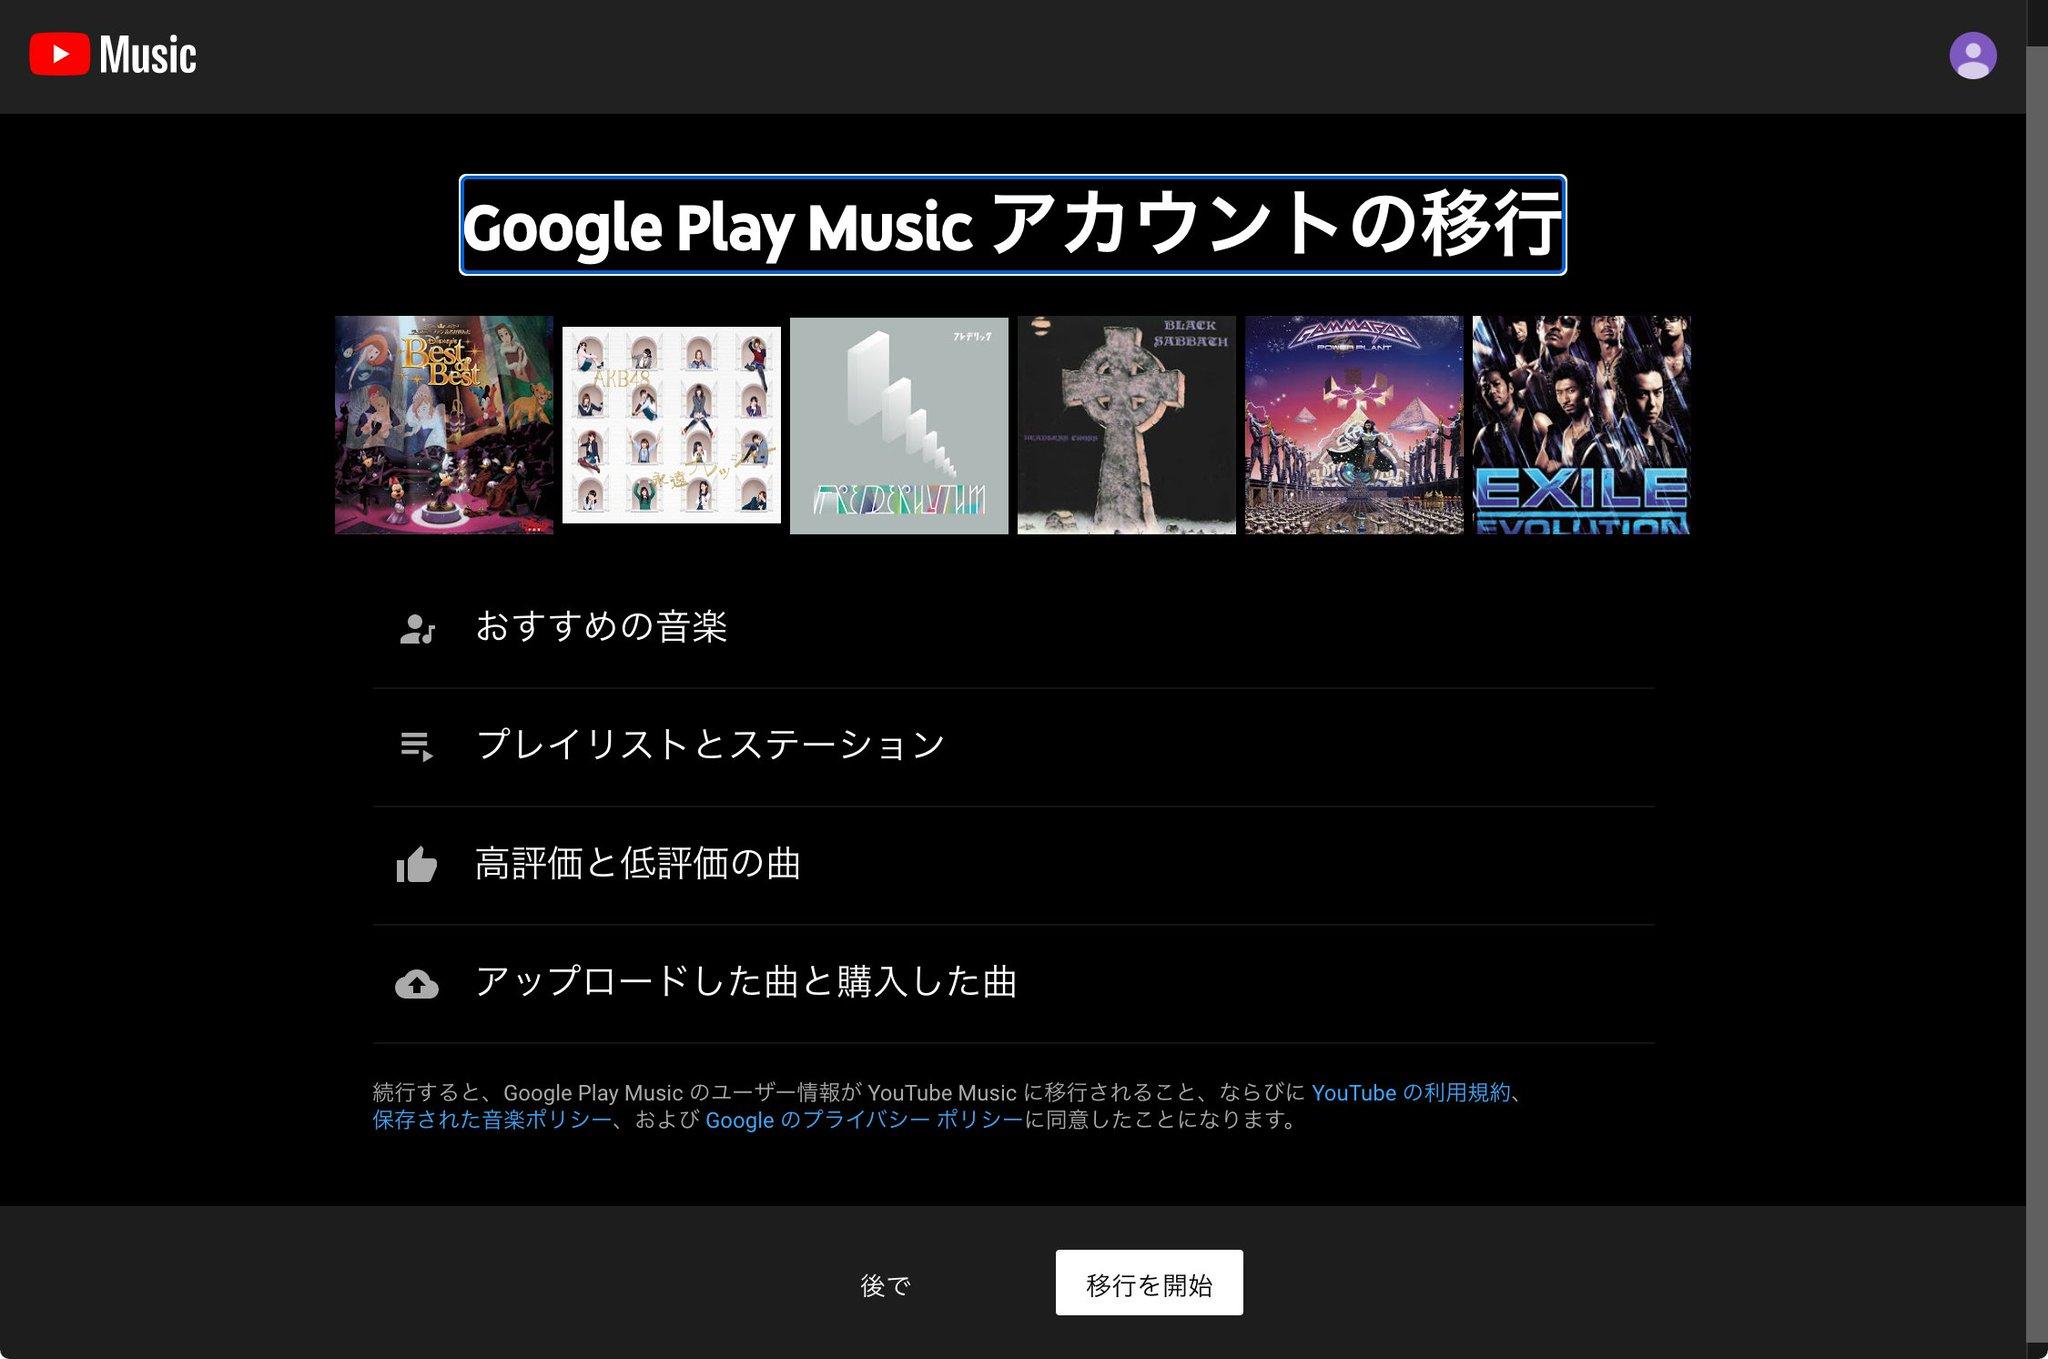 Google Play Music から YouTube Music に移行してみる。チャンネルを強制的に作らないといけないのはきびしい。プライバシー設定とか公開設定とか共有設定とかに気をつかわないといけないのか。めんどい。。。  YouTube Music https://t.co/bIFbbOiZte https://t.co/A4WJku2Ub4